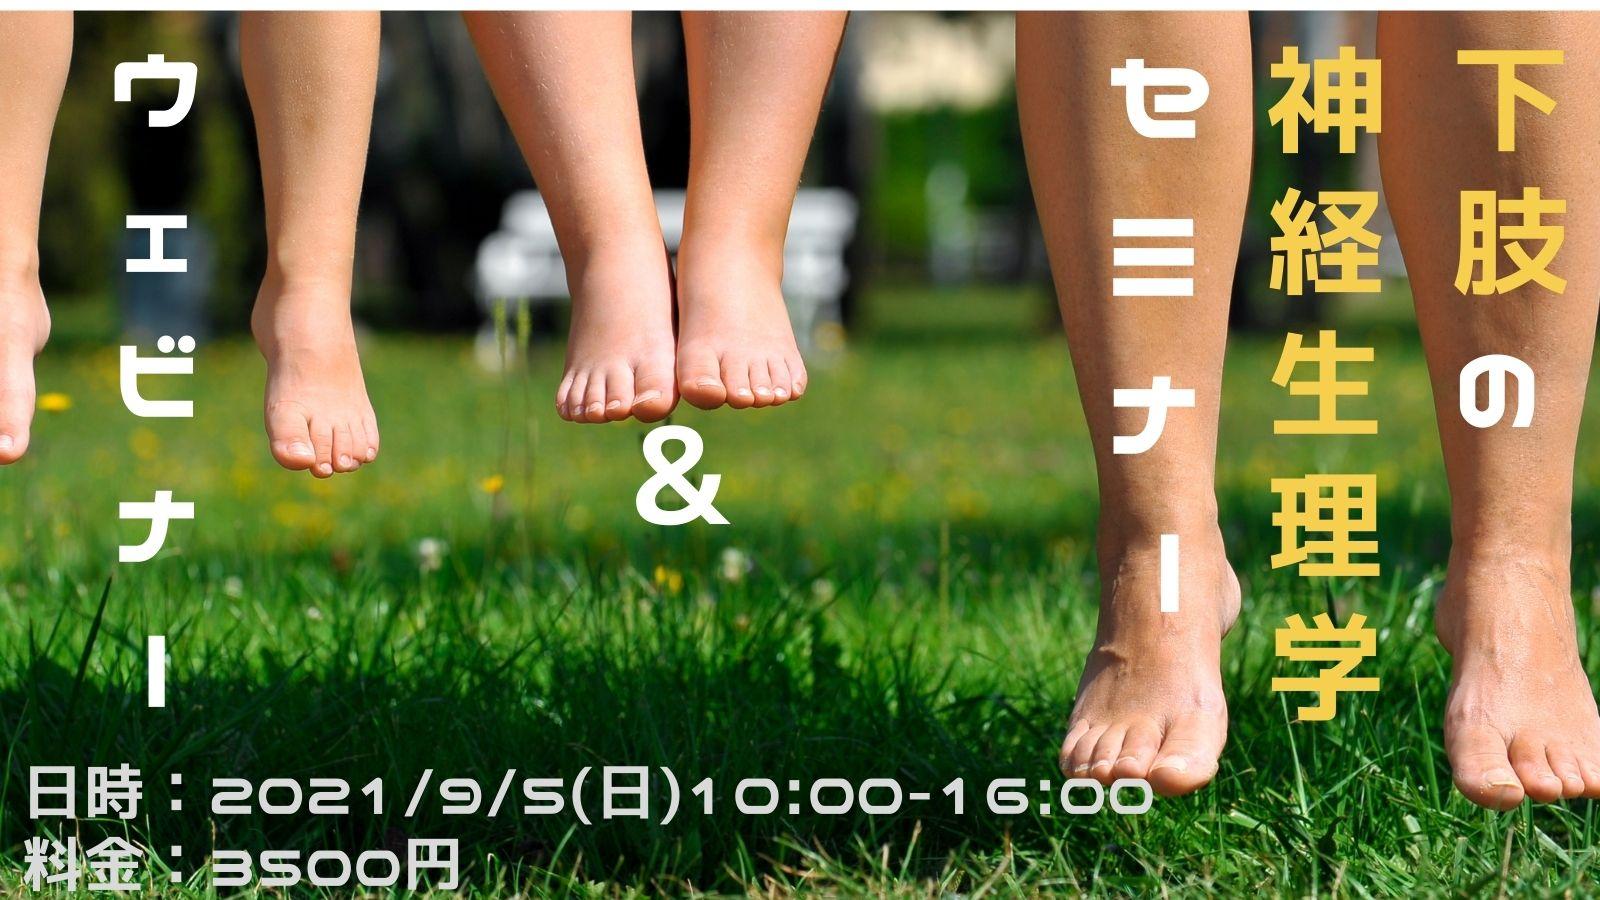 2021/9/05(日) 下肢の神経生理学セミナー・ウェビナーin 千葉